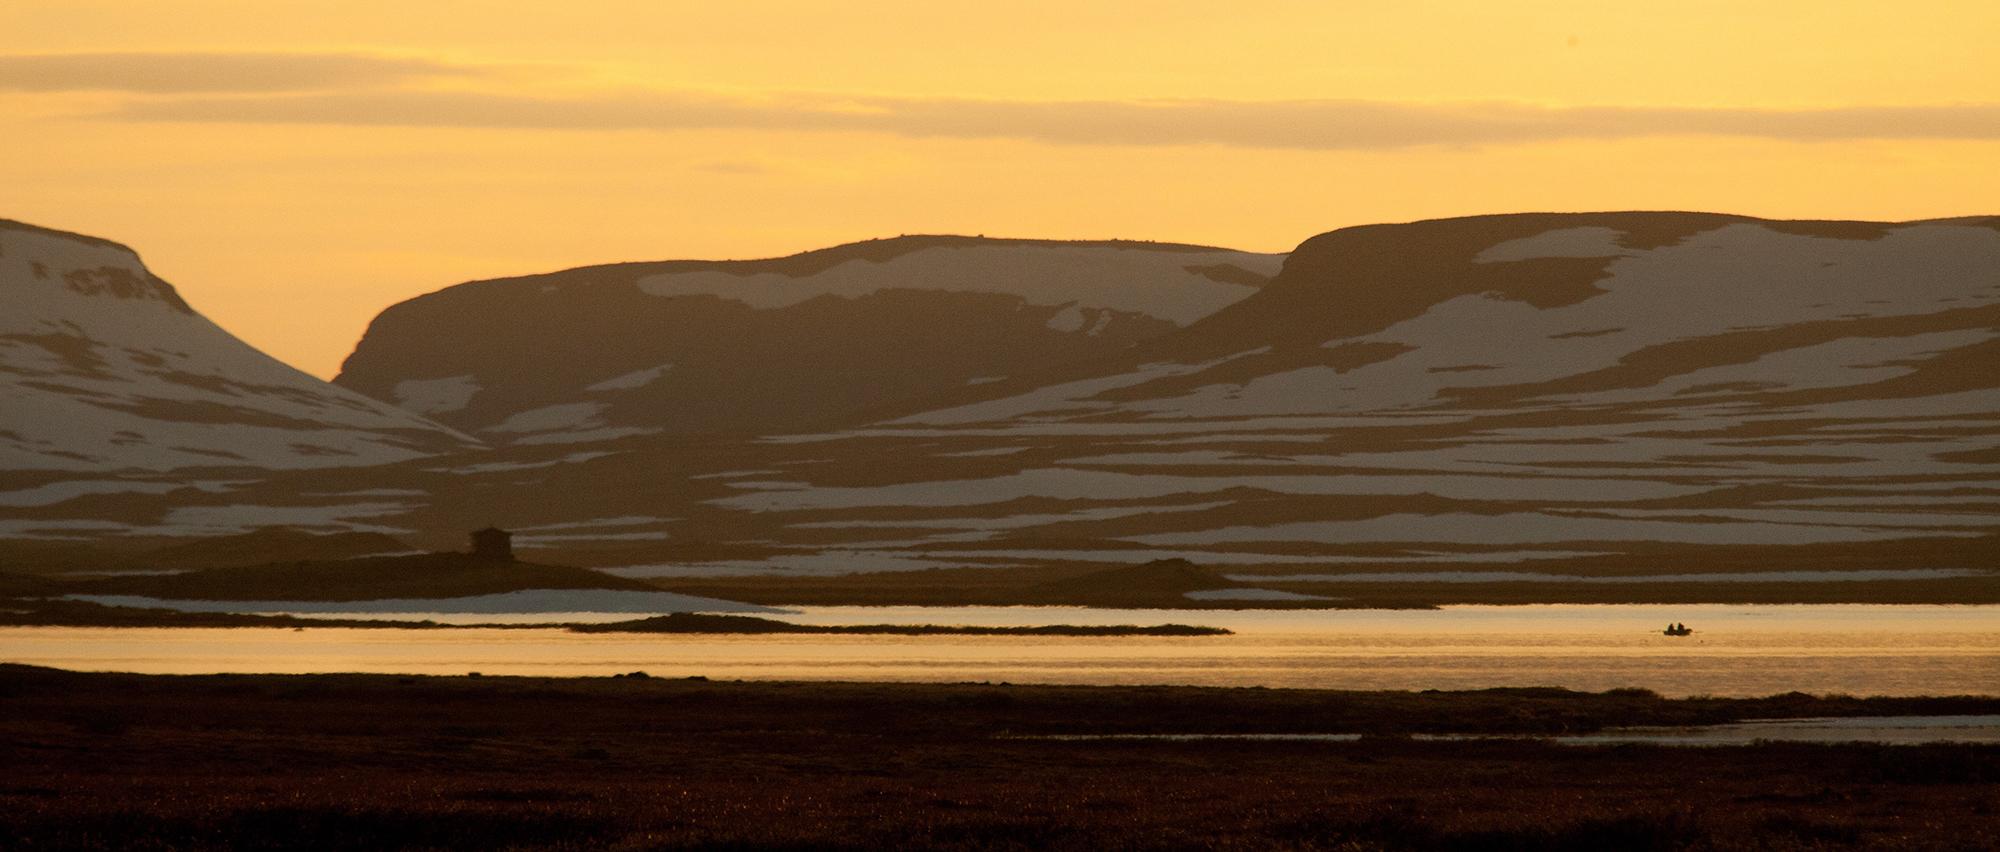 Fellesmøte for forvaltninga på Hardangervidda er ein årleg tradisjon. I år er det lagd til Finse. Illustrasjonsfoto: Kjell Bitustøyl